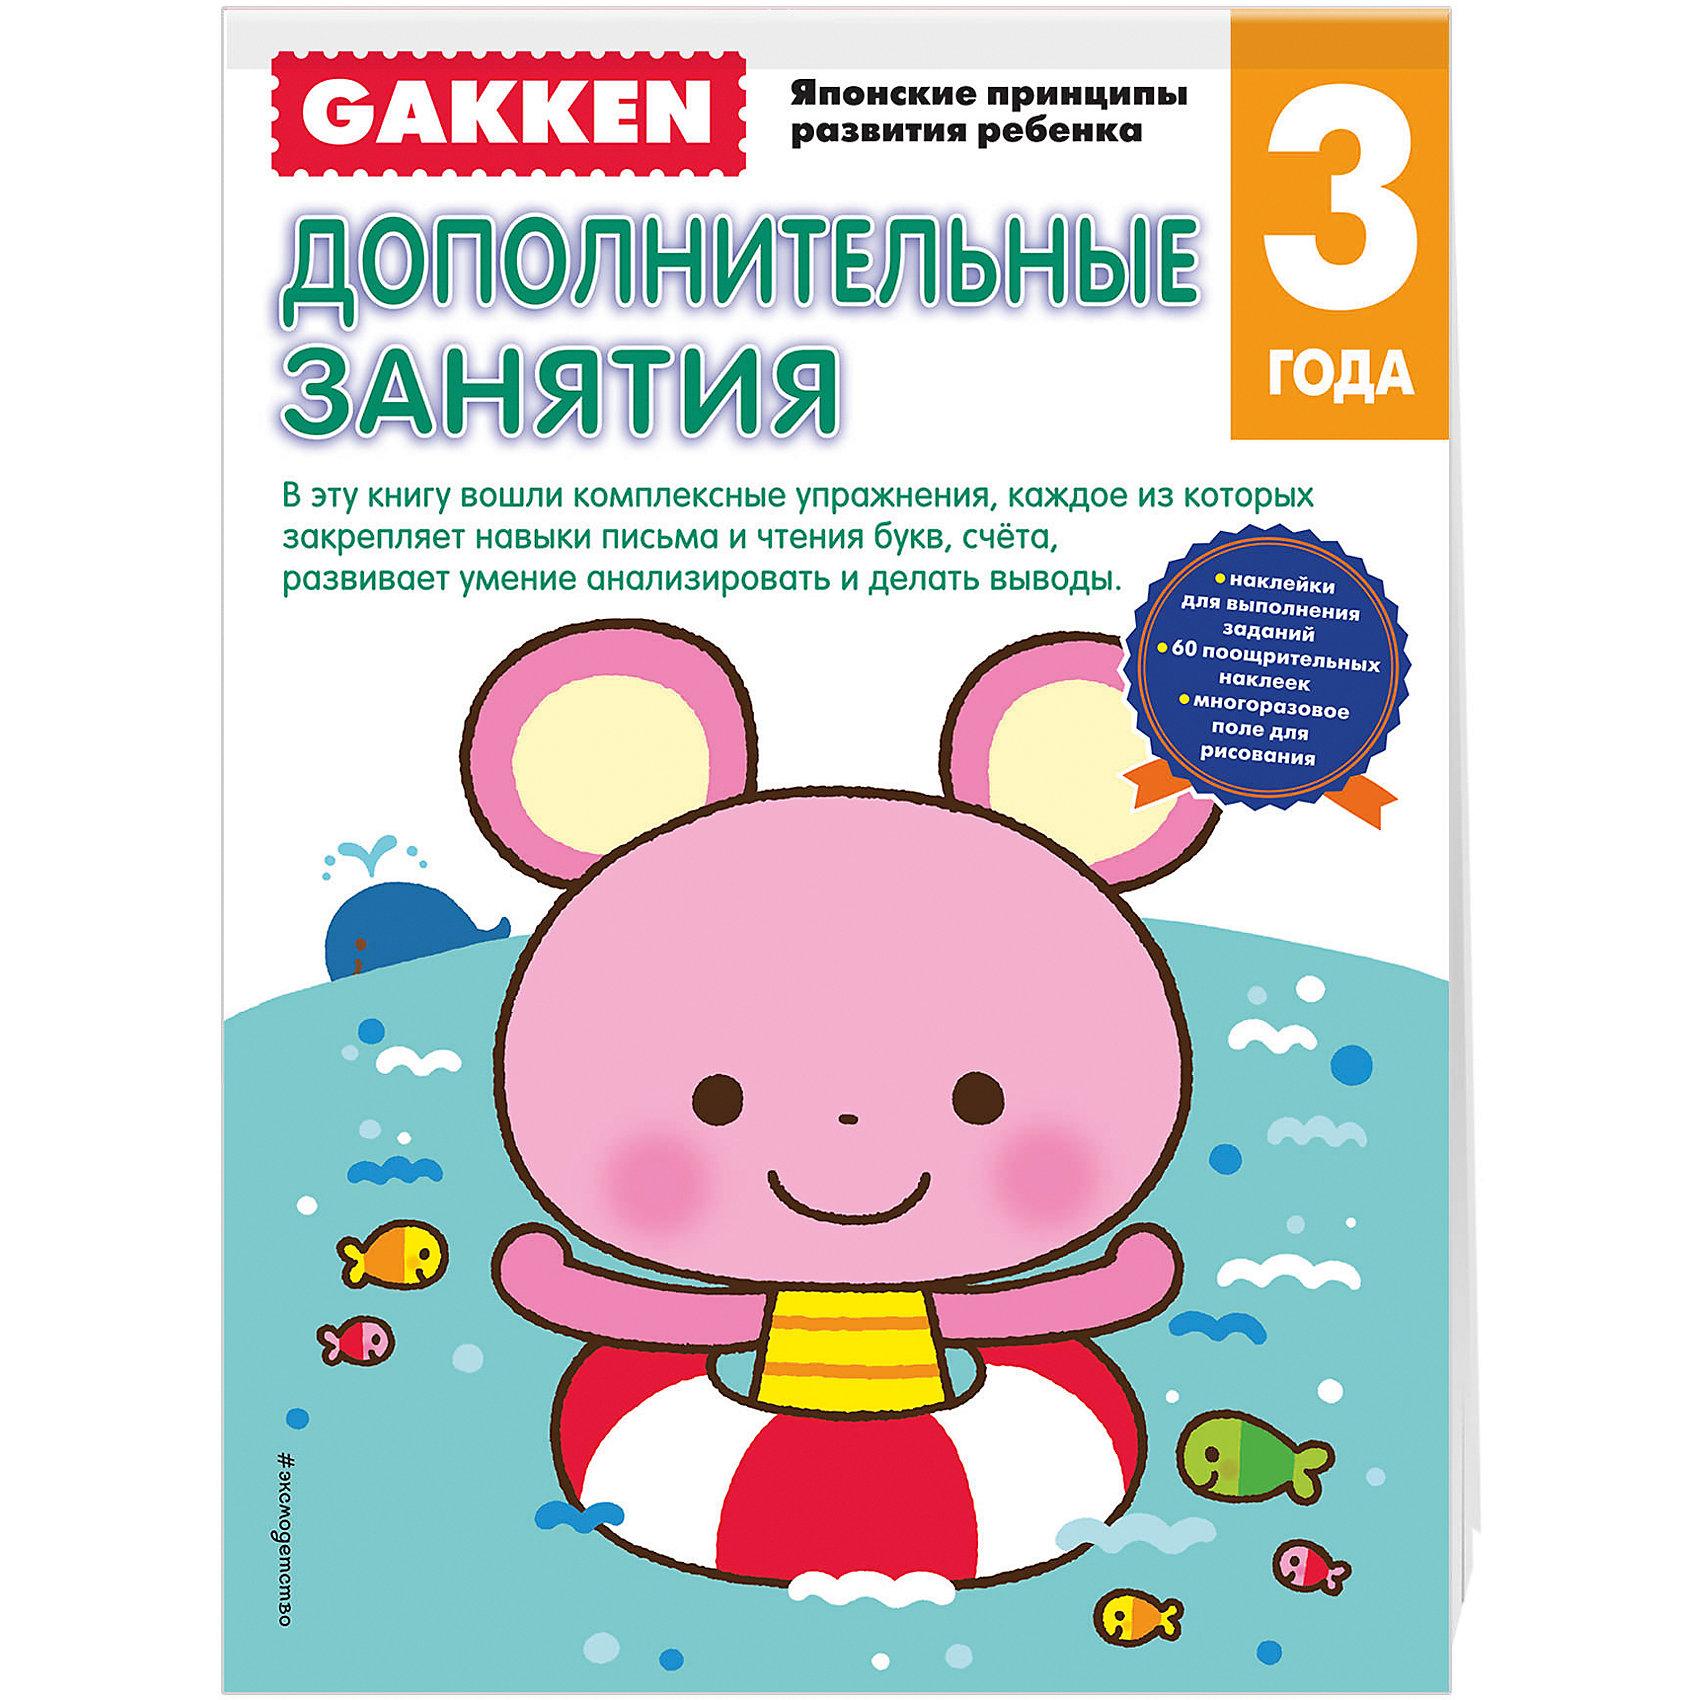 Дополнительные занятия, GakkenИзучаем цвета и формы<br>Занимаясь по рабочей тетради GAKKEN «3+ Дополнительные занятия», вы через некоторое время сами убедитесь в том, что без нервотрепки и утомительных скучных занятий  ваш ребенок может:<br>•проходить простые лабиринты и рисовать по точкам;<br>•читать и писать печатные буквы;<br>•считать до 15 и соотносить число и количество;<br>•логически рассуждать и сравнивать предметы;<br>•мастерить с помощью ножниц и клея простые поделки. <br><br>А ещё малыш сможет порисовать на специальной многоразовой странице!<br><br>3 книги «Дополнительные занятия» (для детей от 3-х, 4-х и 5-ти лет) специально выпущены для занятий с ребенком, когда вы уже закончили заниматься по специальным тетрадям по отдельным областям развития малыша.<br><br>Ширина мм: 300<br>Глубина мм: 220<br>Высота мм: 10<br>Вес г: 293<br>Возраст от месяцев: 36<br>Возраст до месяцев: 48<br>Пол: Унисекс<br>Возраст: Детский<br>SKU: 6878128